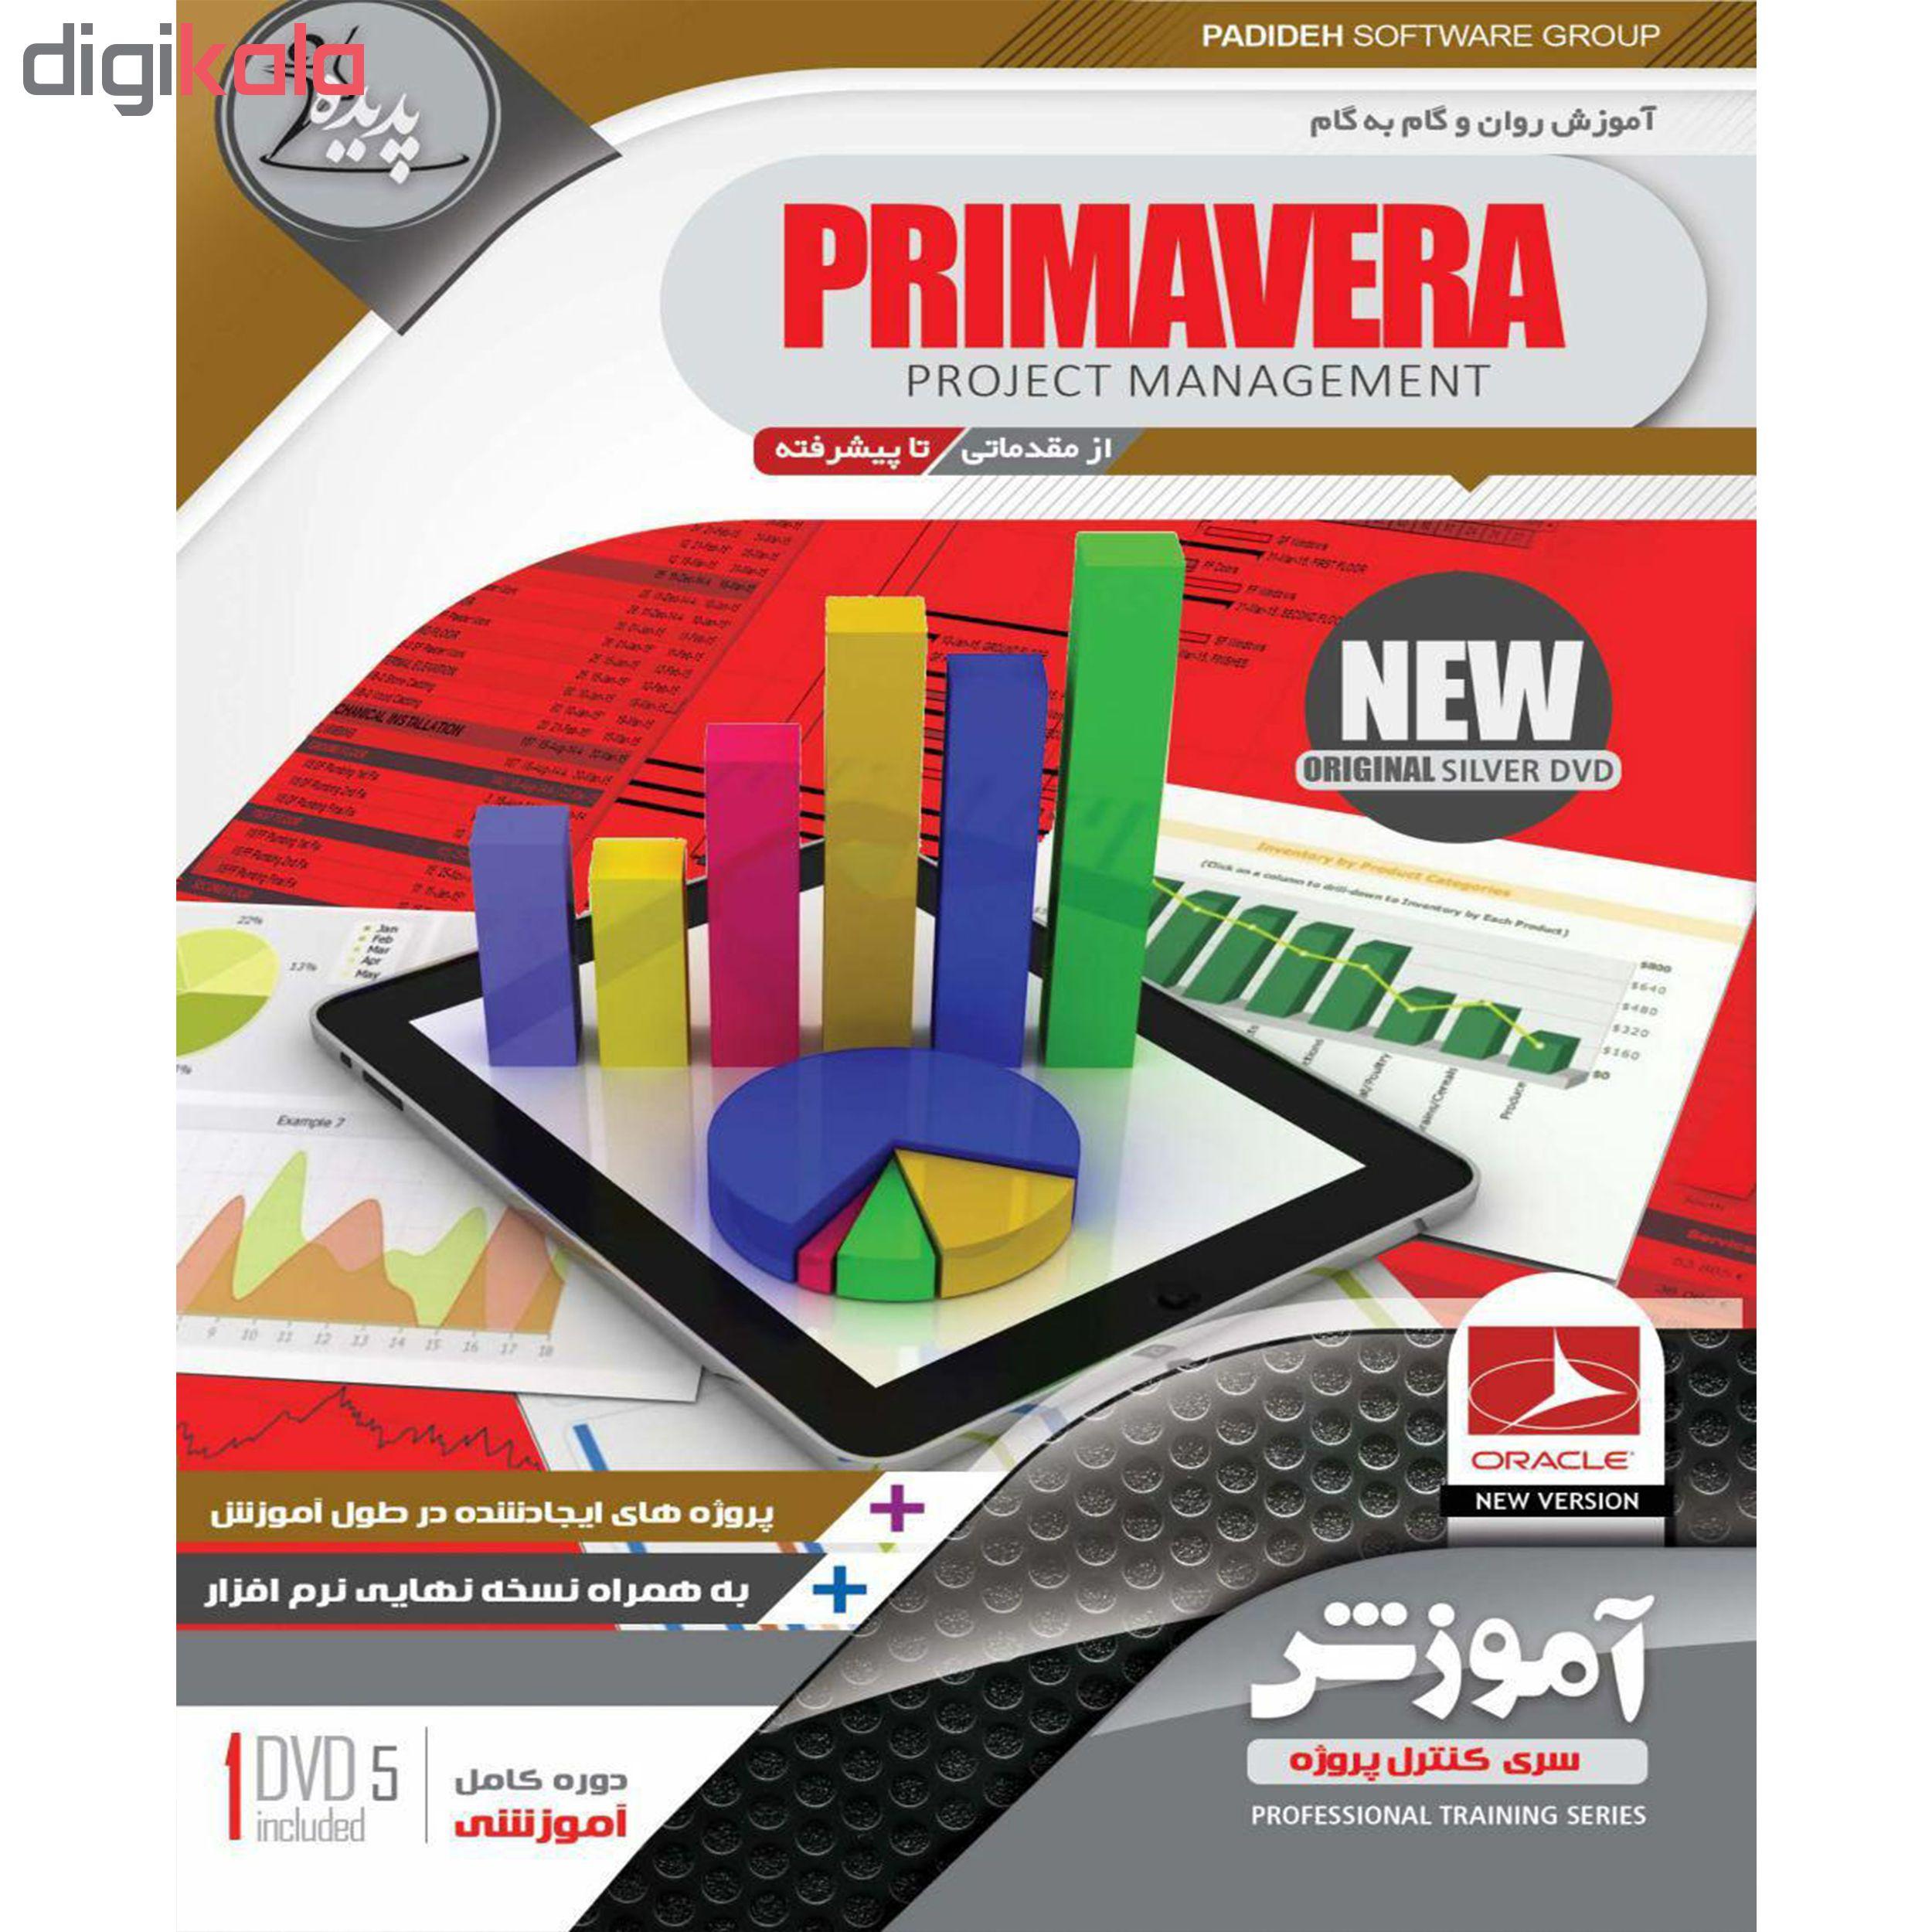 نرم افزار آموزش SPSS نشر پدیده به همراه نرم افزار آموزش PRIMAVERA نشر پدیده